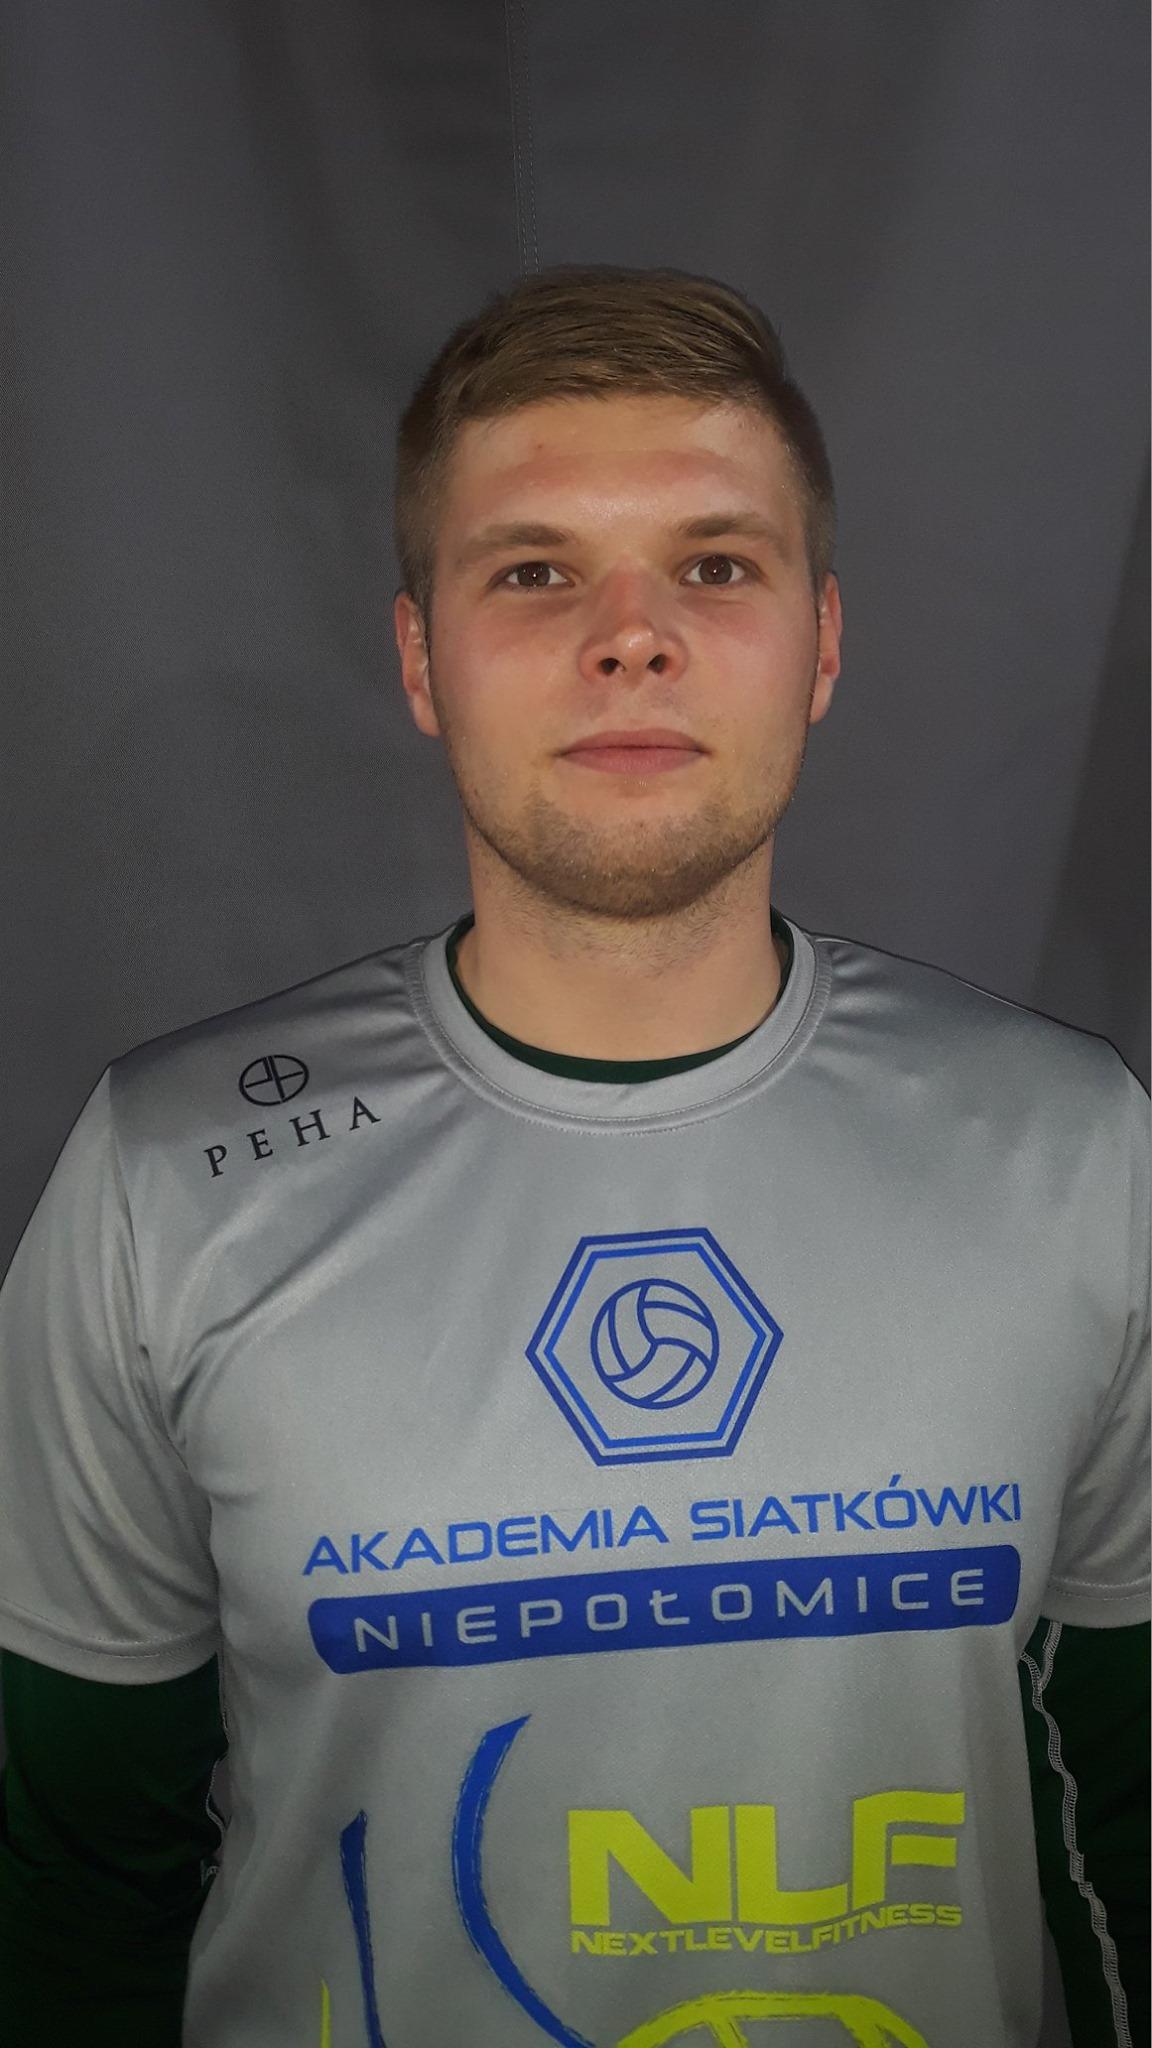 Jacek Faron Pozycja: Środkowy Wiek: 29 Wzrost: 195 cm